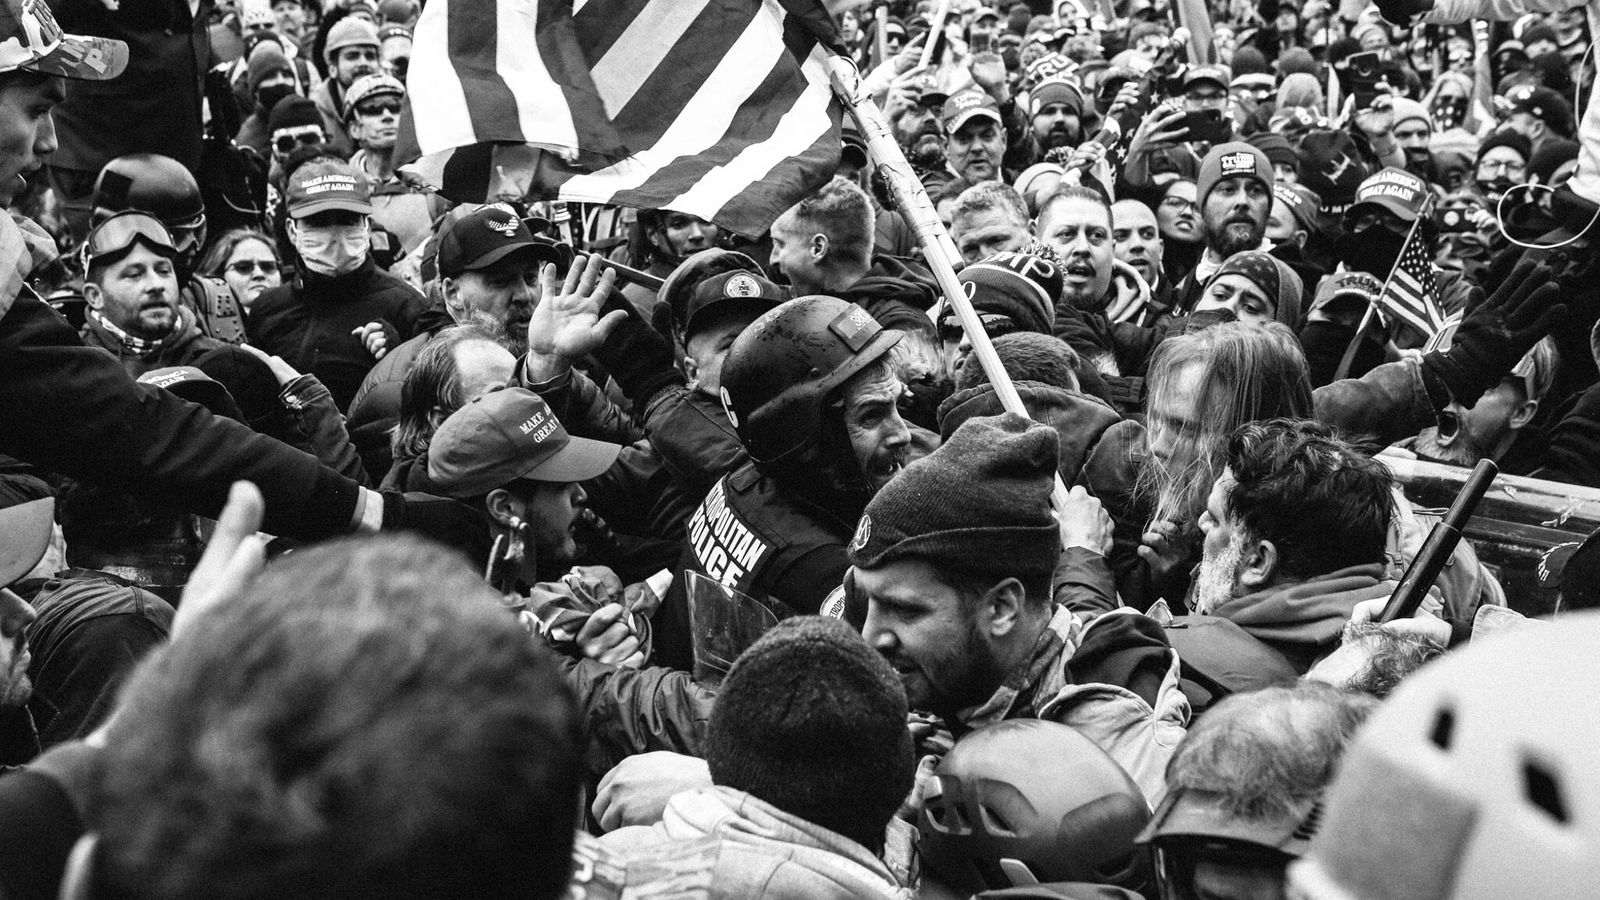 Um polícia de Washington D.C. (de capacete) foi violentamente empurrado dos degraus do Capitólio dos EUA ...